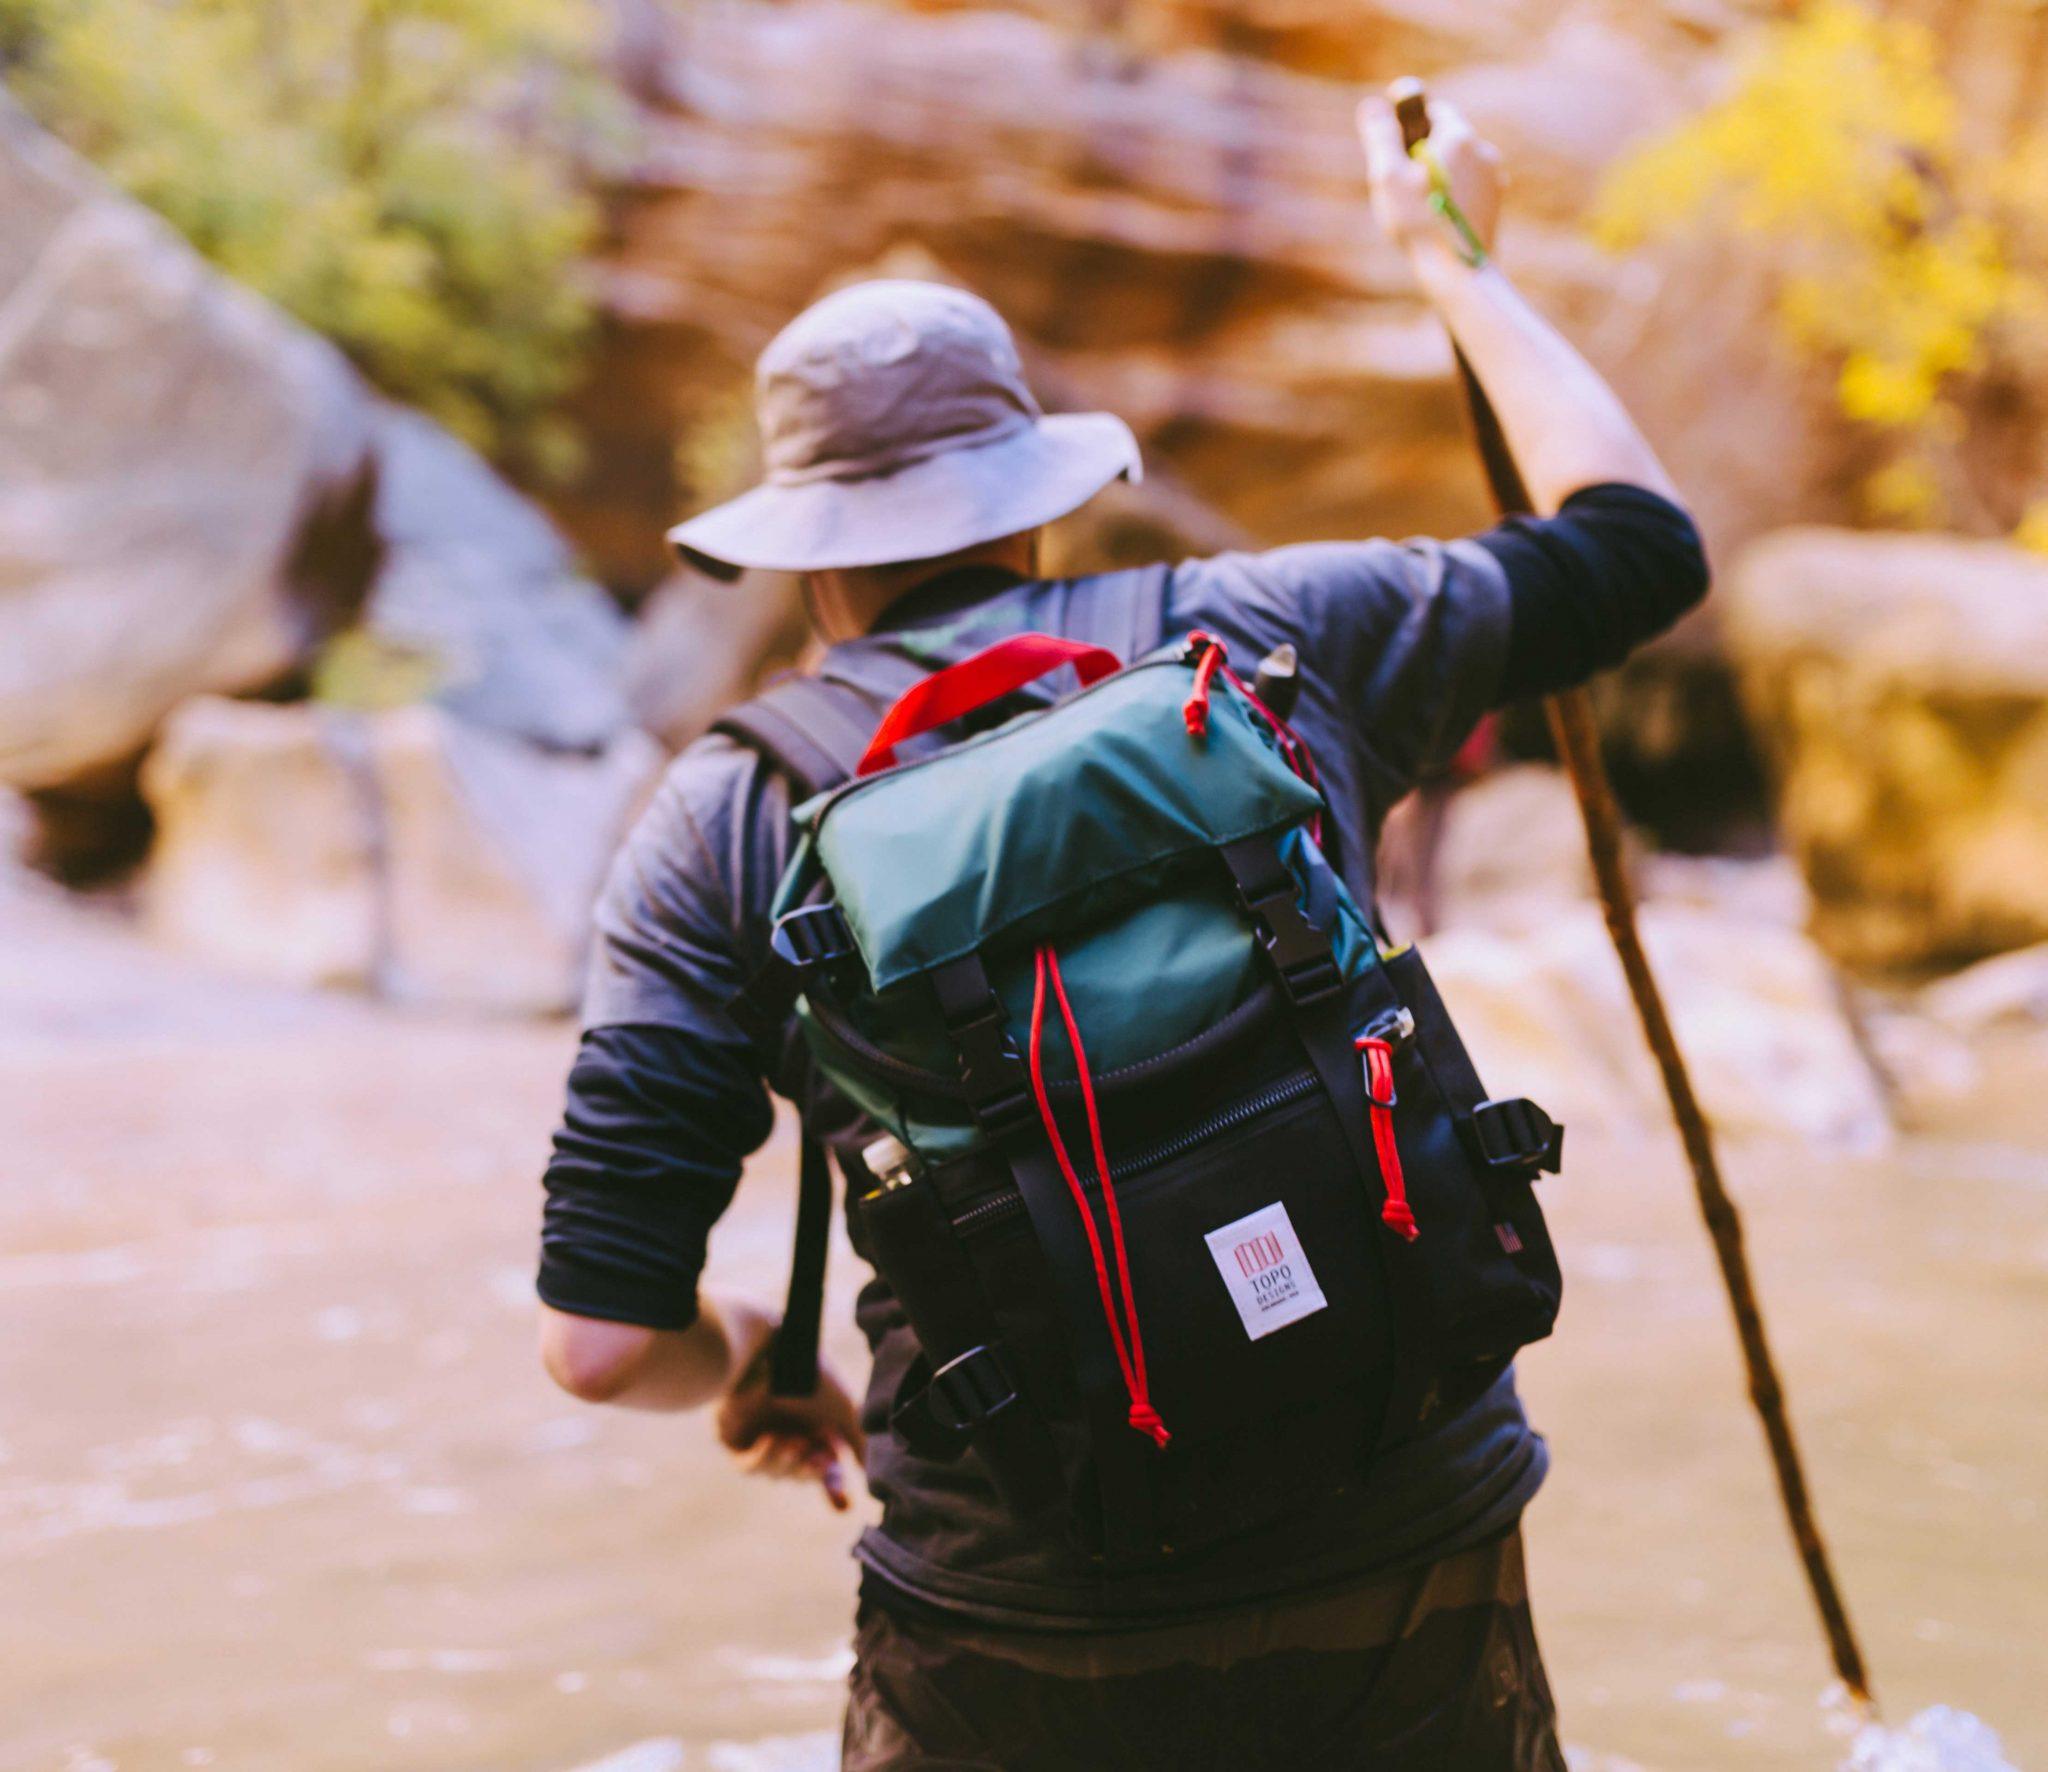 Qué ponerse para hacer trekking en climas cálidos / Foto: Edgar Chaparro